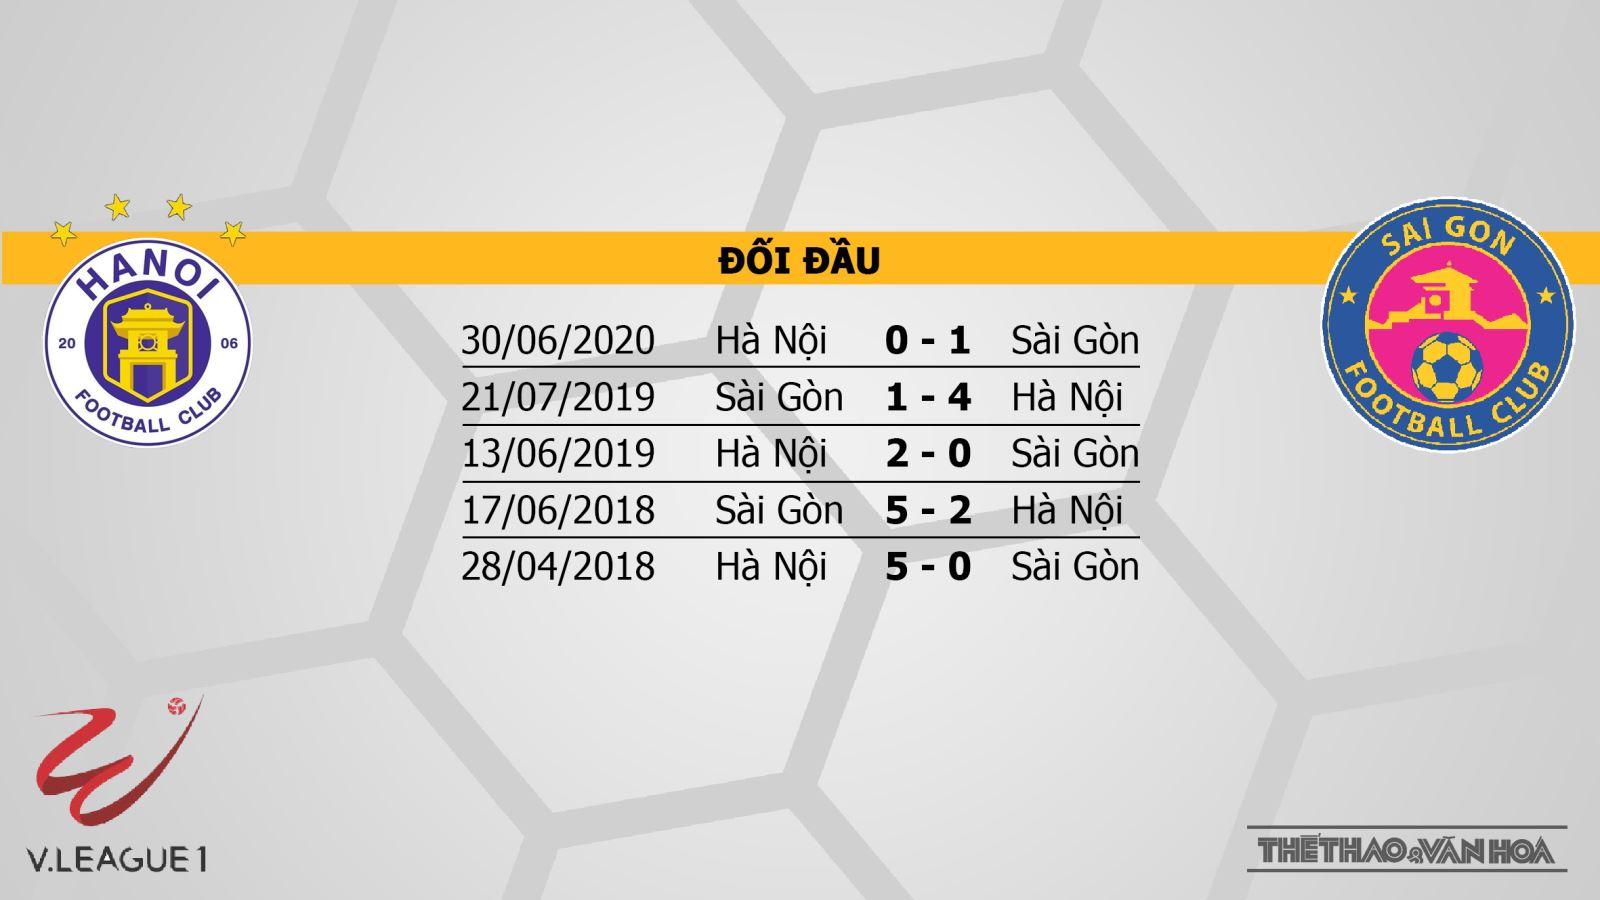 VTV6, BĐTV, VTV5, Truc tiep bong da, Hà Nội vs Sài Gòn, Bóng đá Việt Nam hôm nay, trực tiếp bóng đá, V-League 2020, xem bóng đá trực tuyến Hà Nội đấu với Sài Gòn